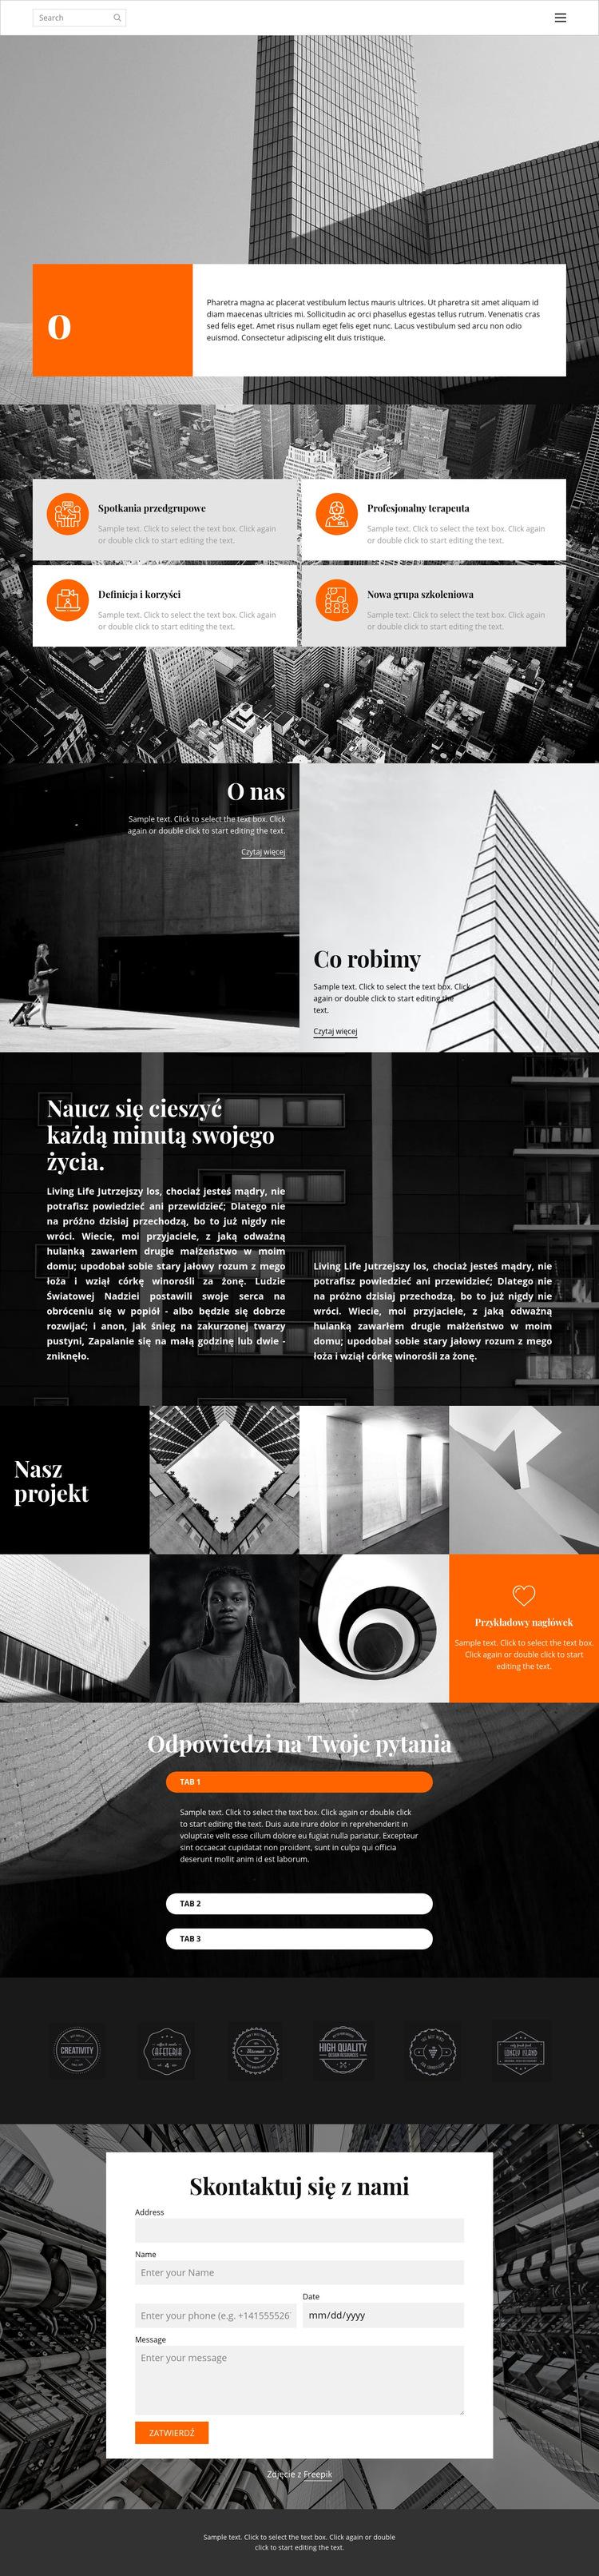 Studio nowych projektów Szablon witryny sieci Web